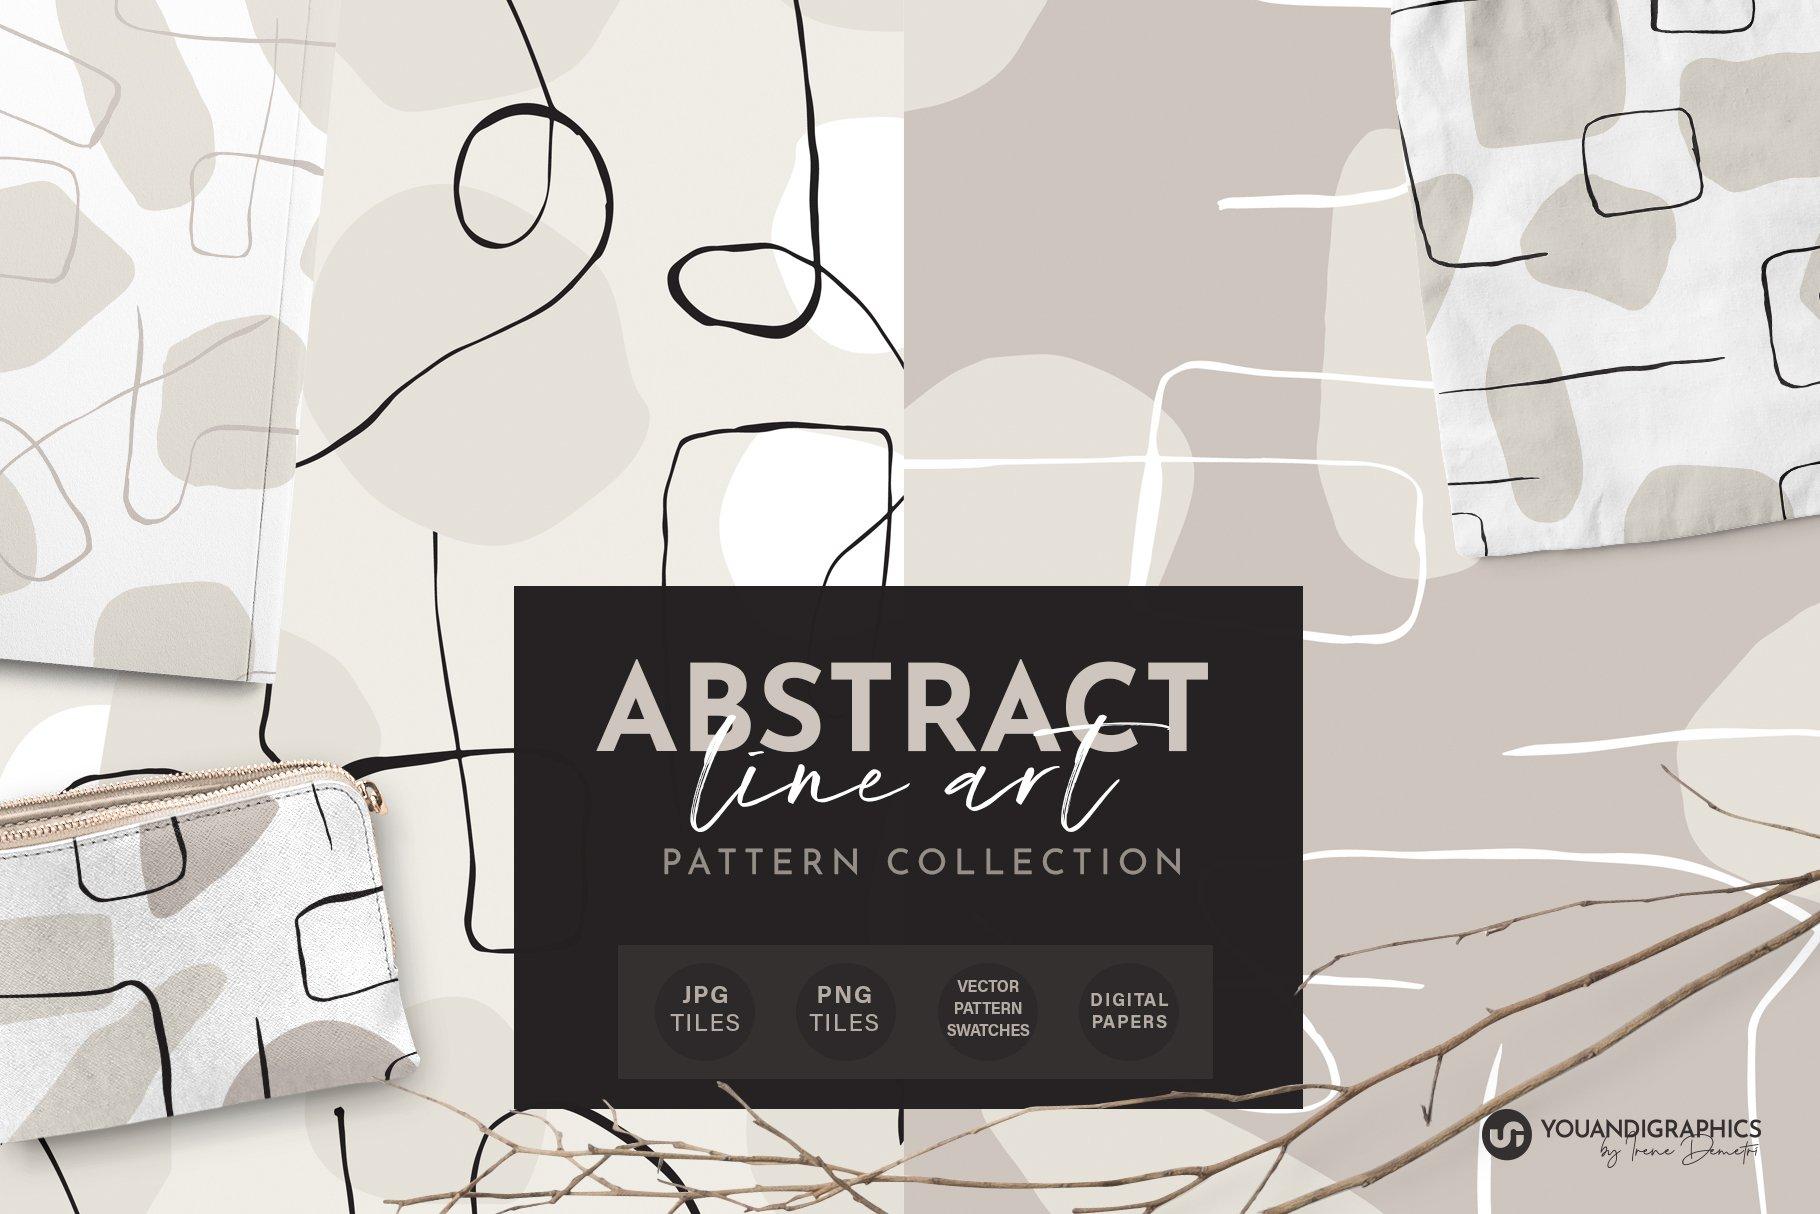 抽象艺术线条无缝隙矢量图案设计素材 Abstract Line Art Seamless Patterns插图